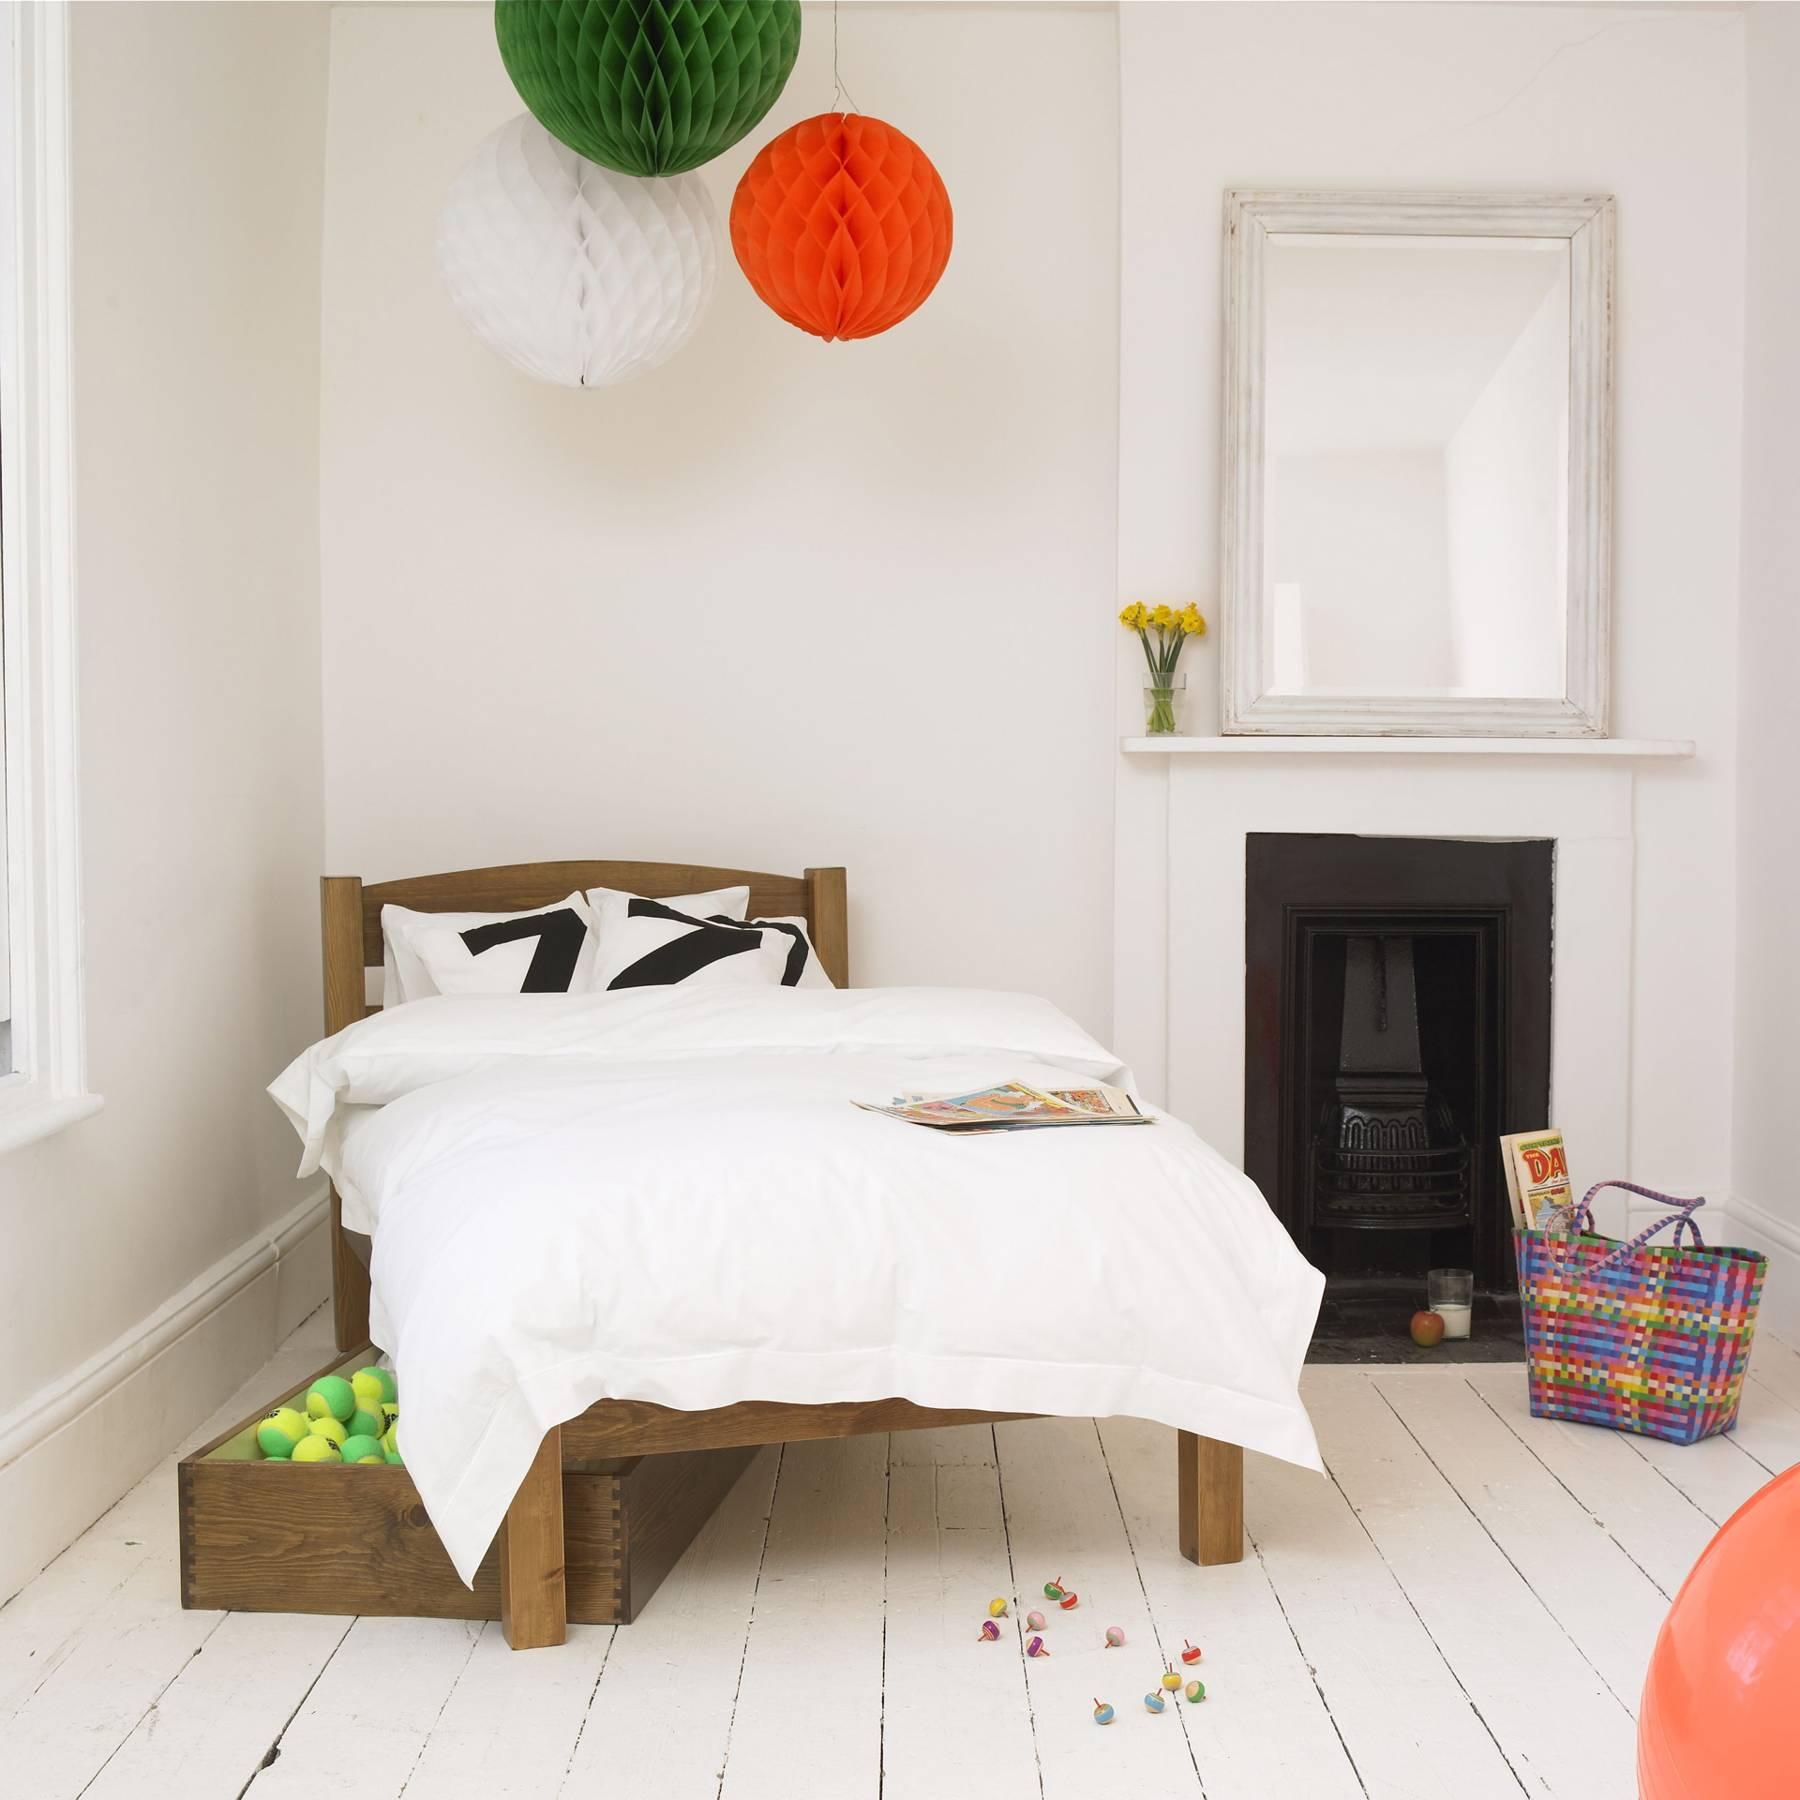 Boys bedroom ideas   House & Garden